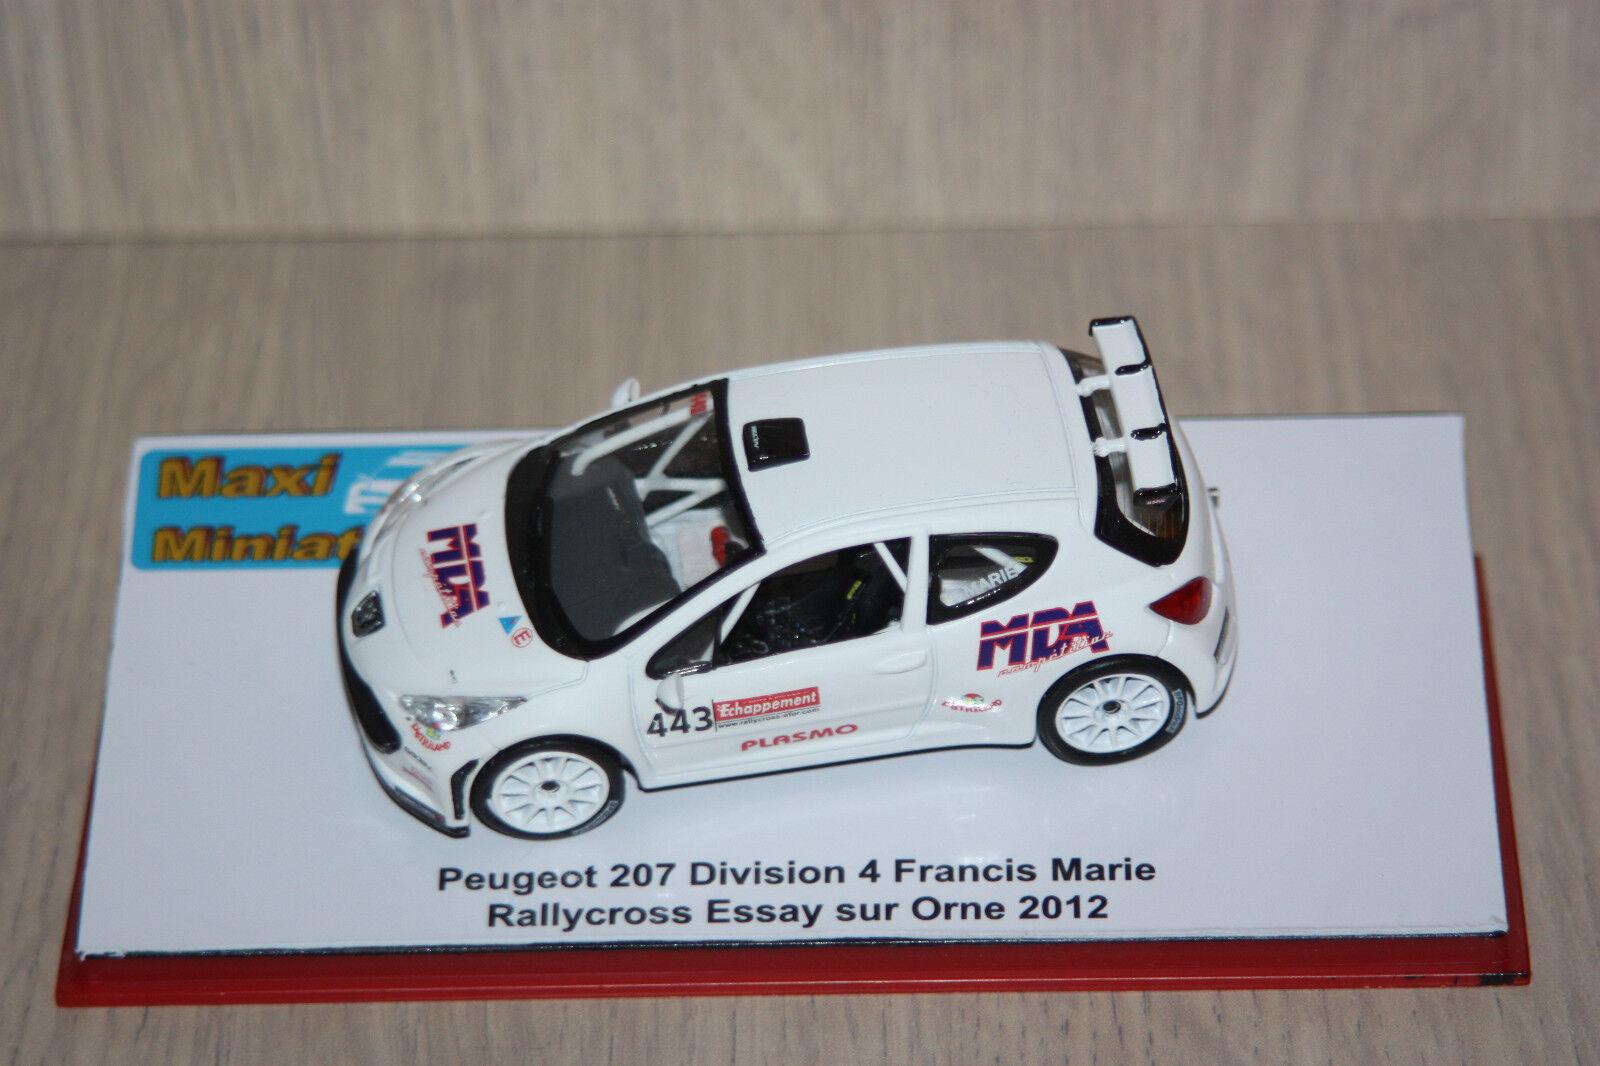 Peugeot 207 Division 4 Francis Marie Rallycross Essay sur Orne 2012 1 43e